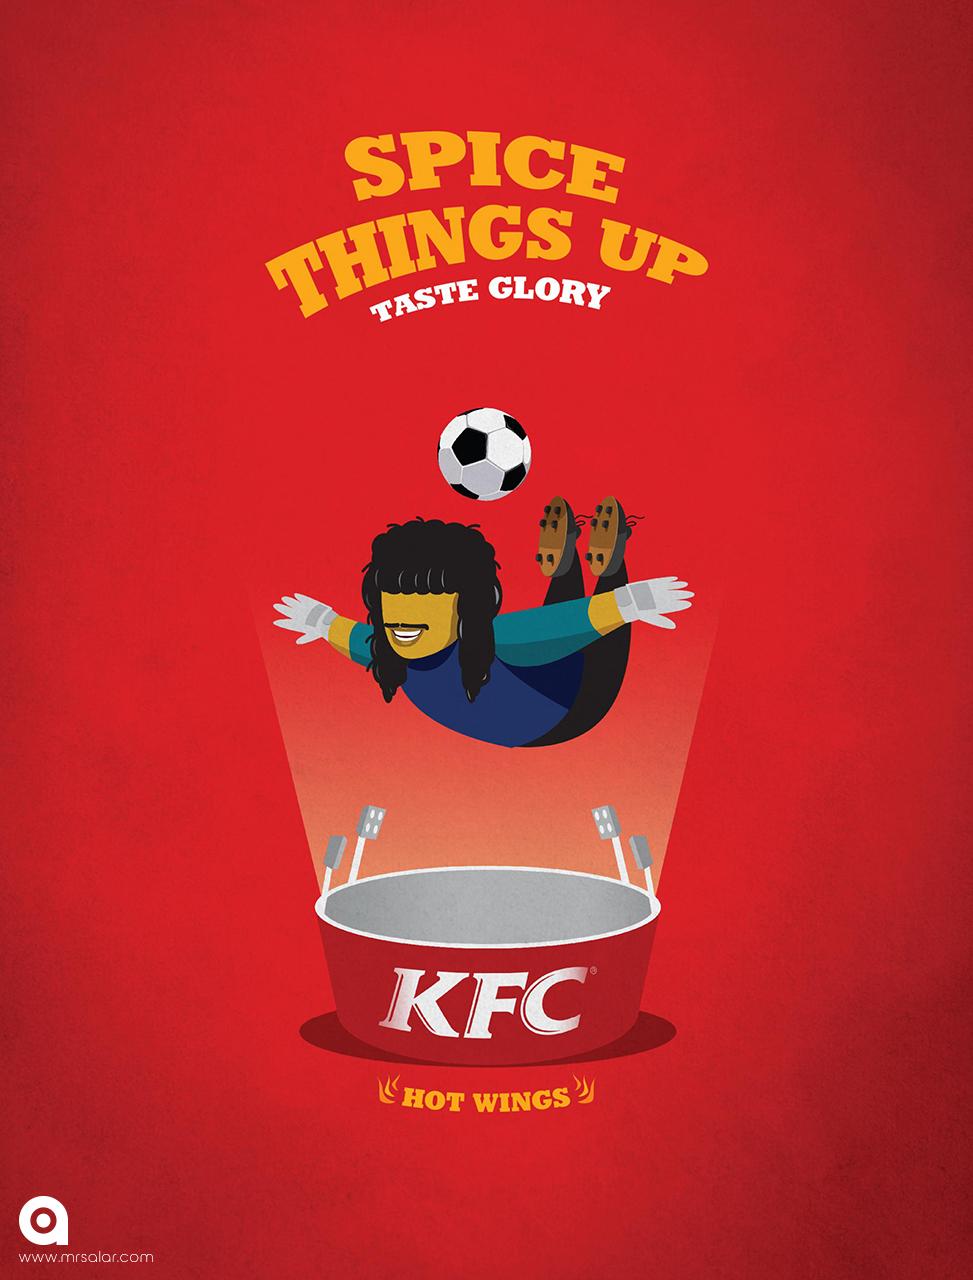 تصویر تبلیغاتی KFC هیجان بخشیدن: عقرب